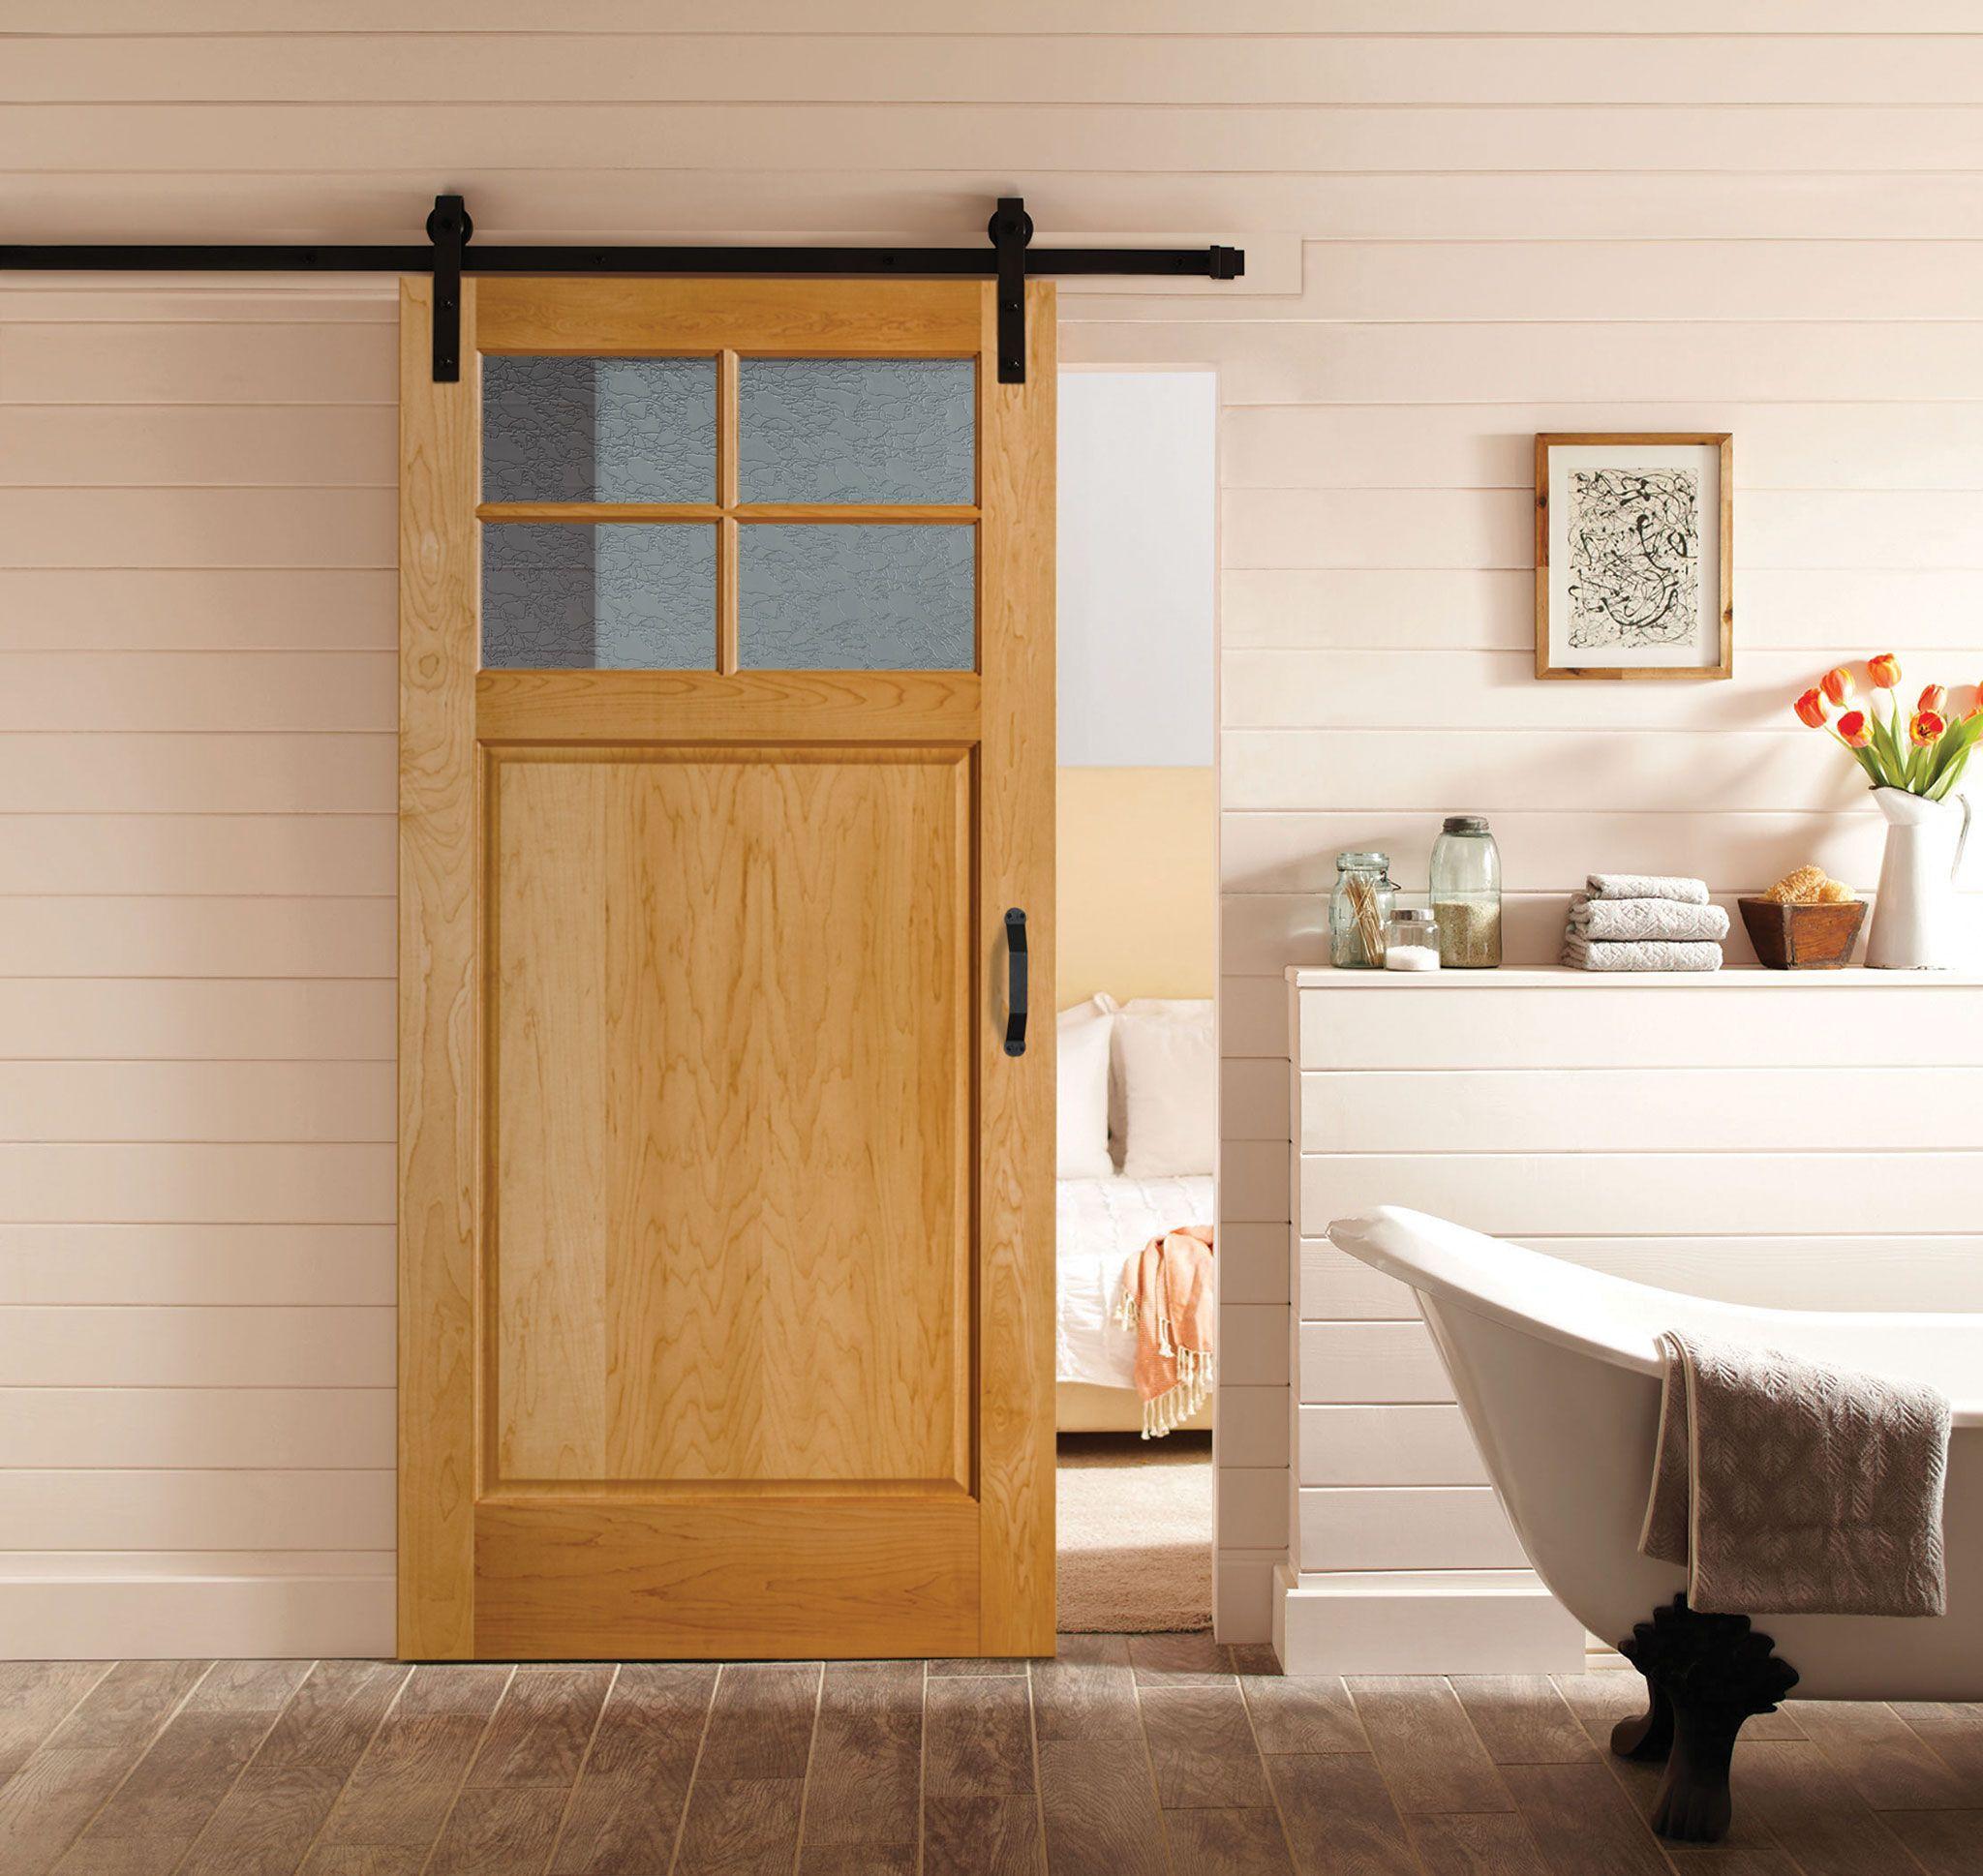 Wood Barn Door with glass in a bathroom